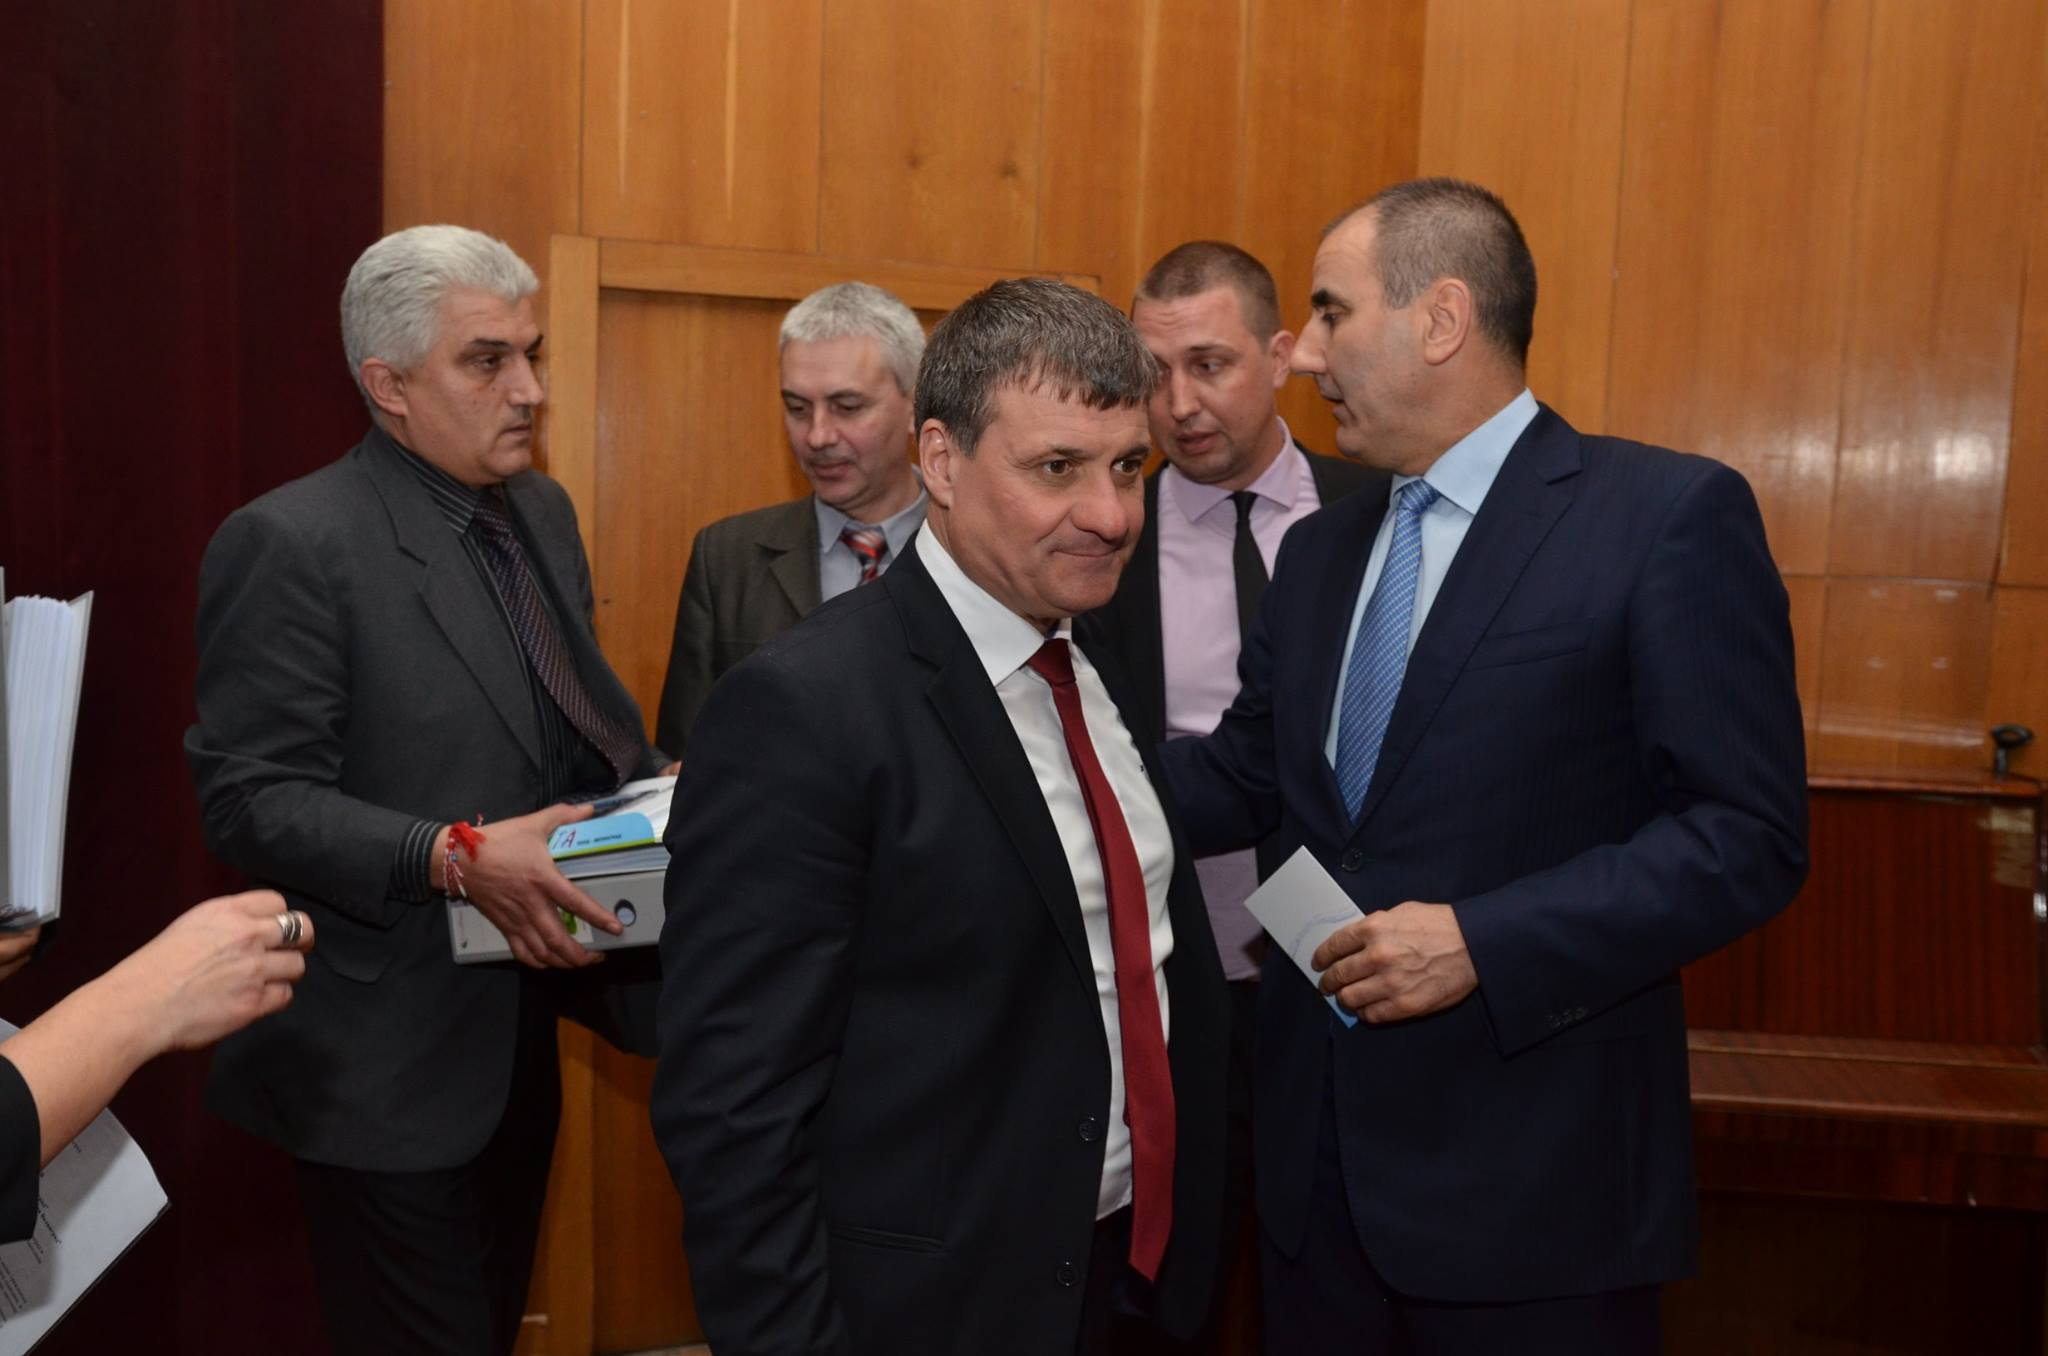 Д-р Костадин Коев, кмет на Велинград: Над 8.5 млн. лв. е получила Общината от правителството от 2015 година до сега